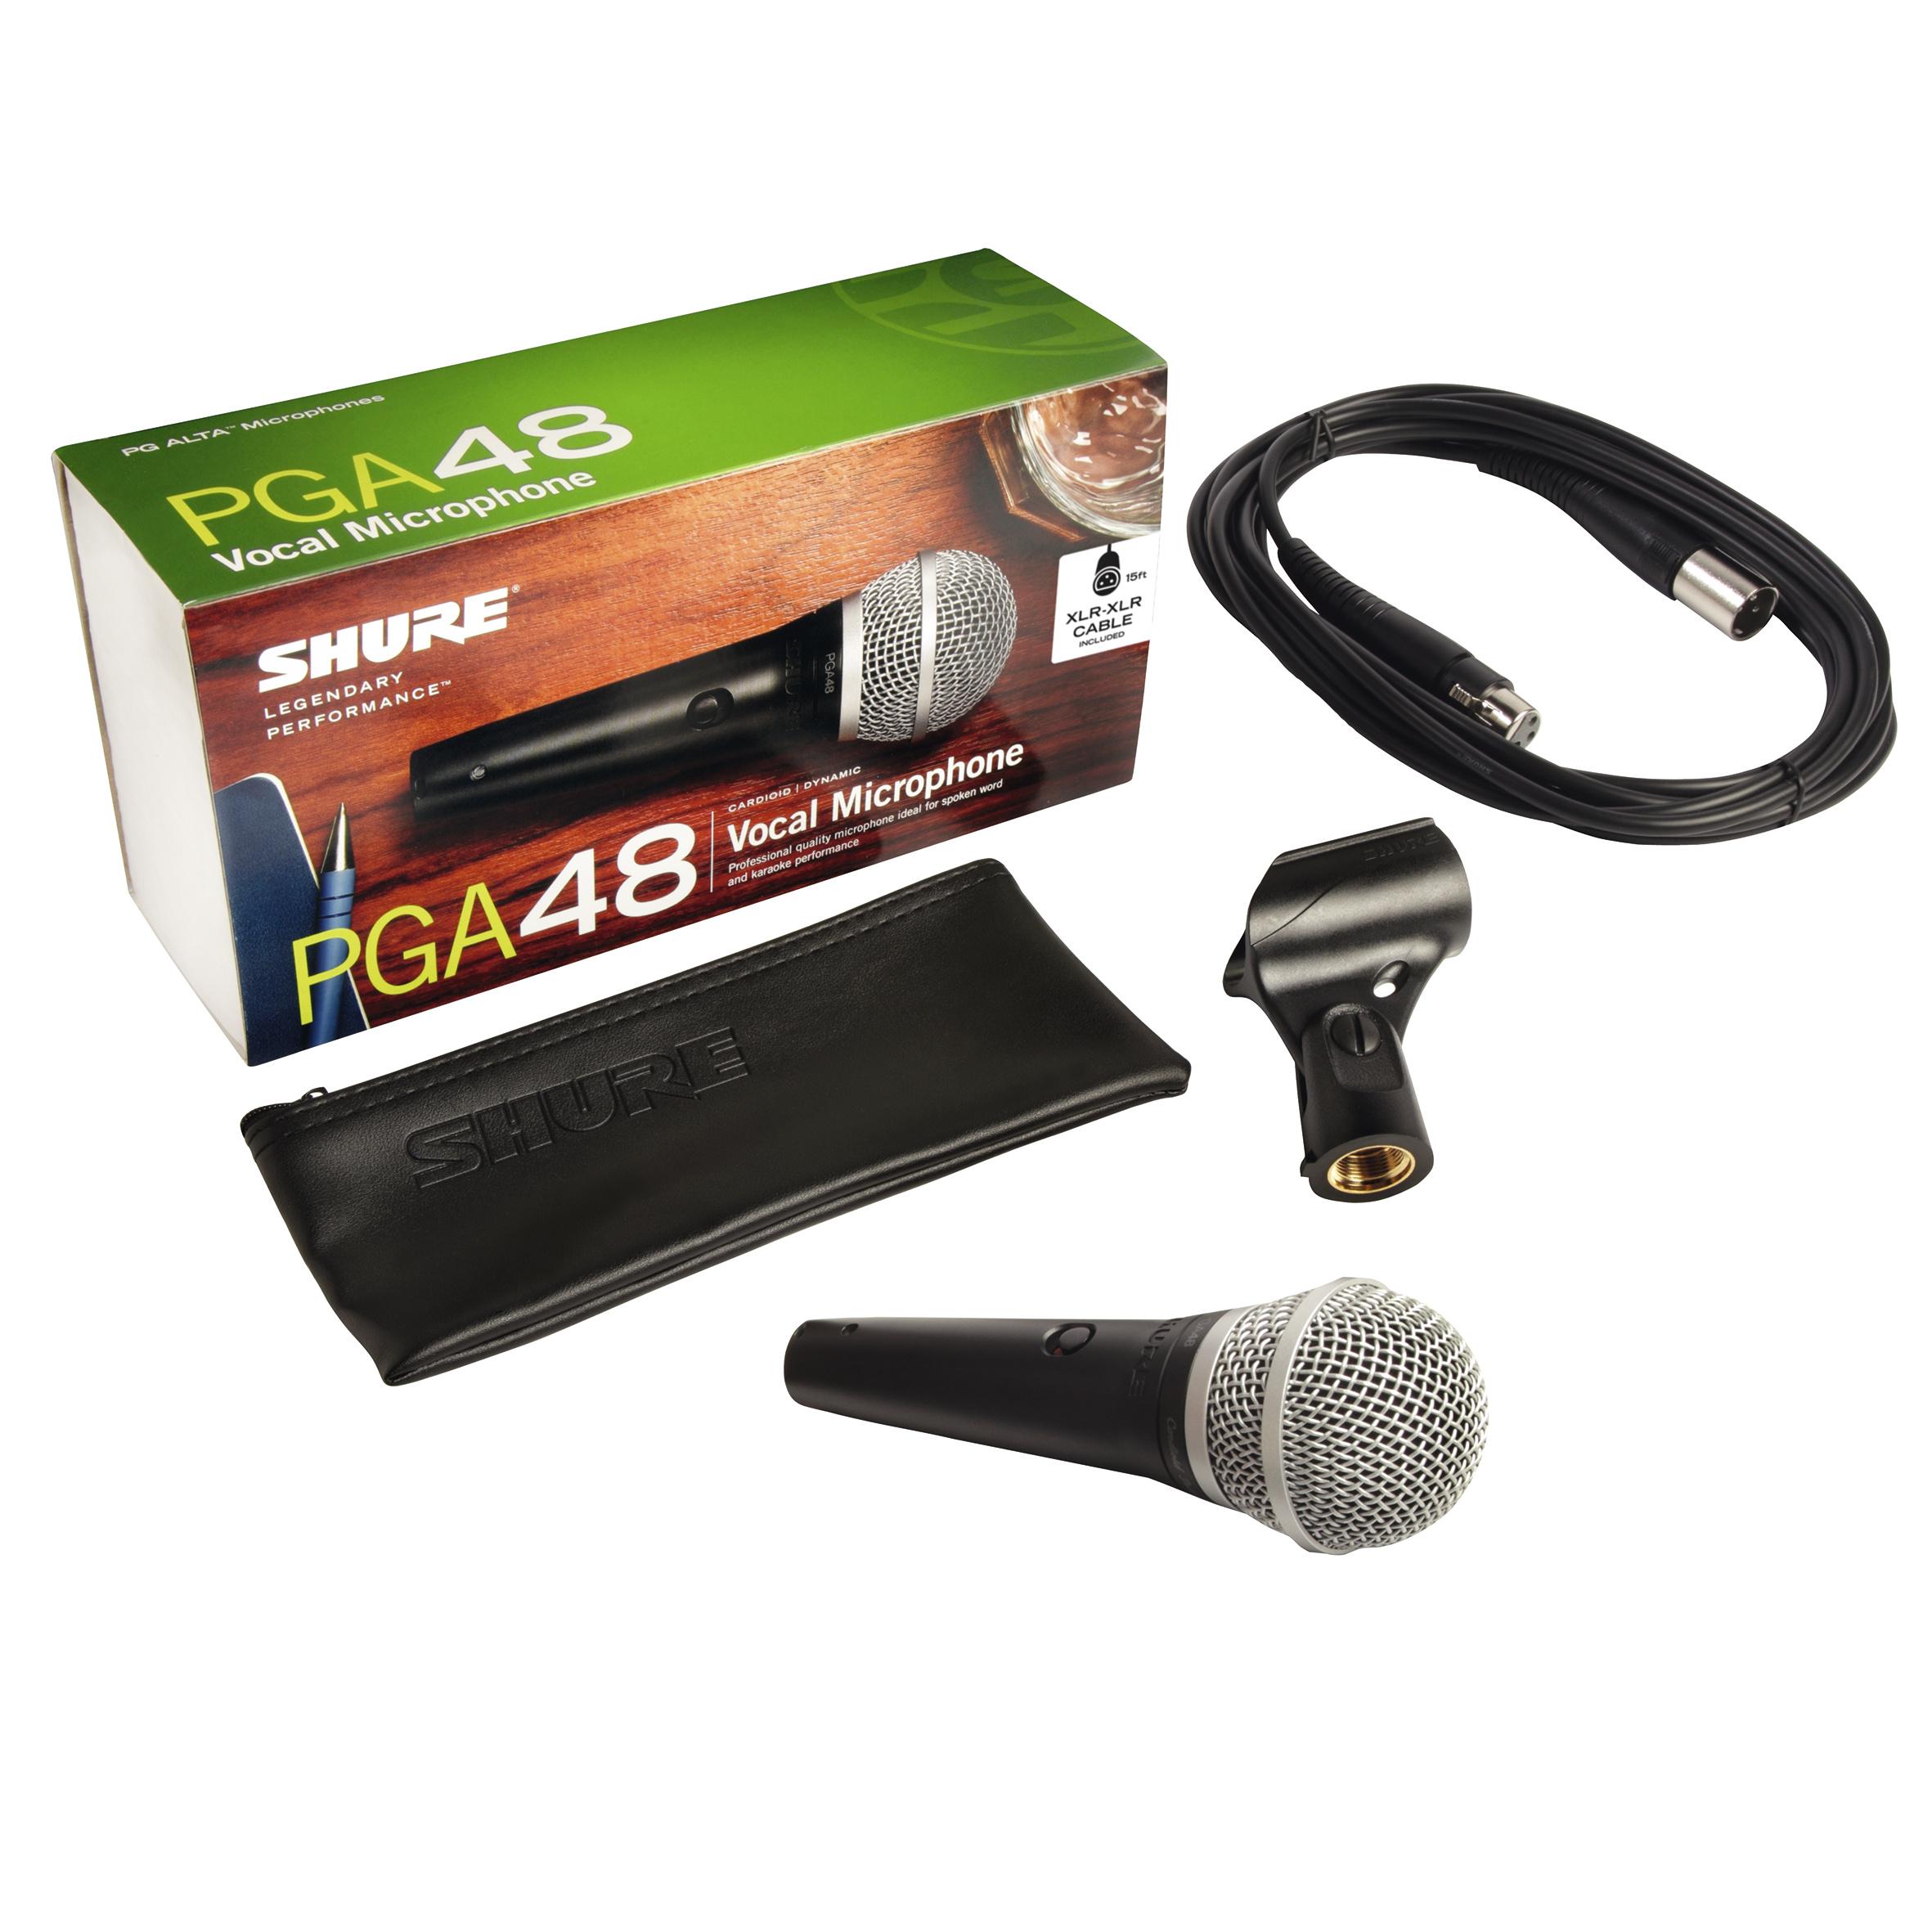 Shure PGA 48 XLR inkl. XLR-Kabel 235409